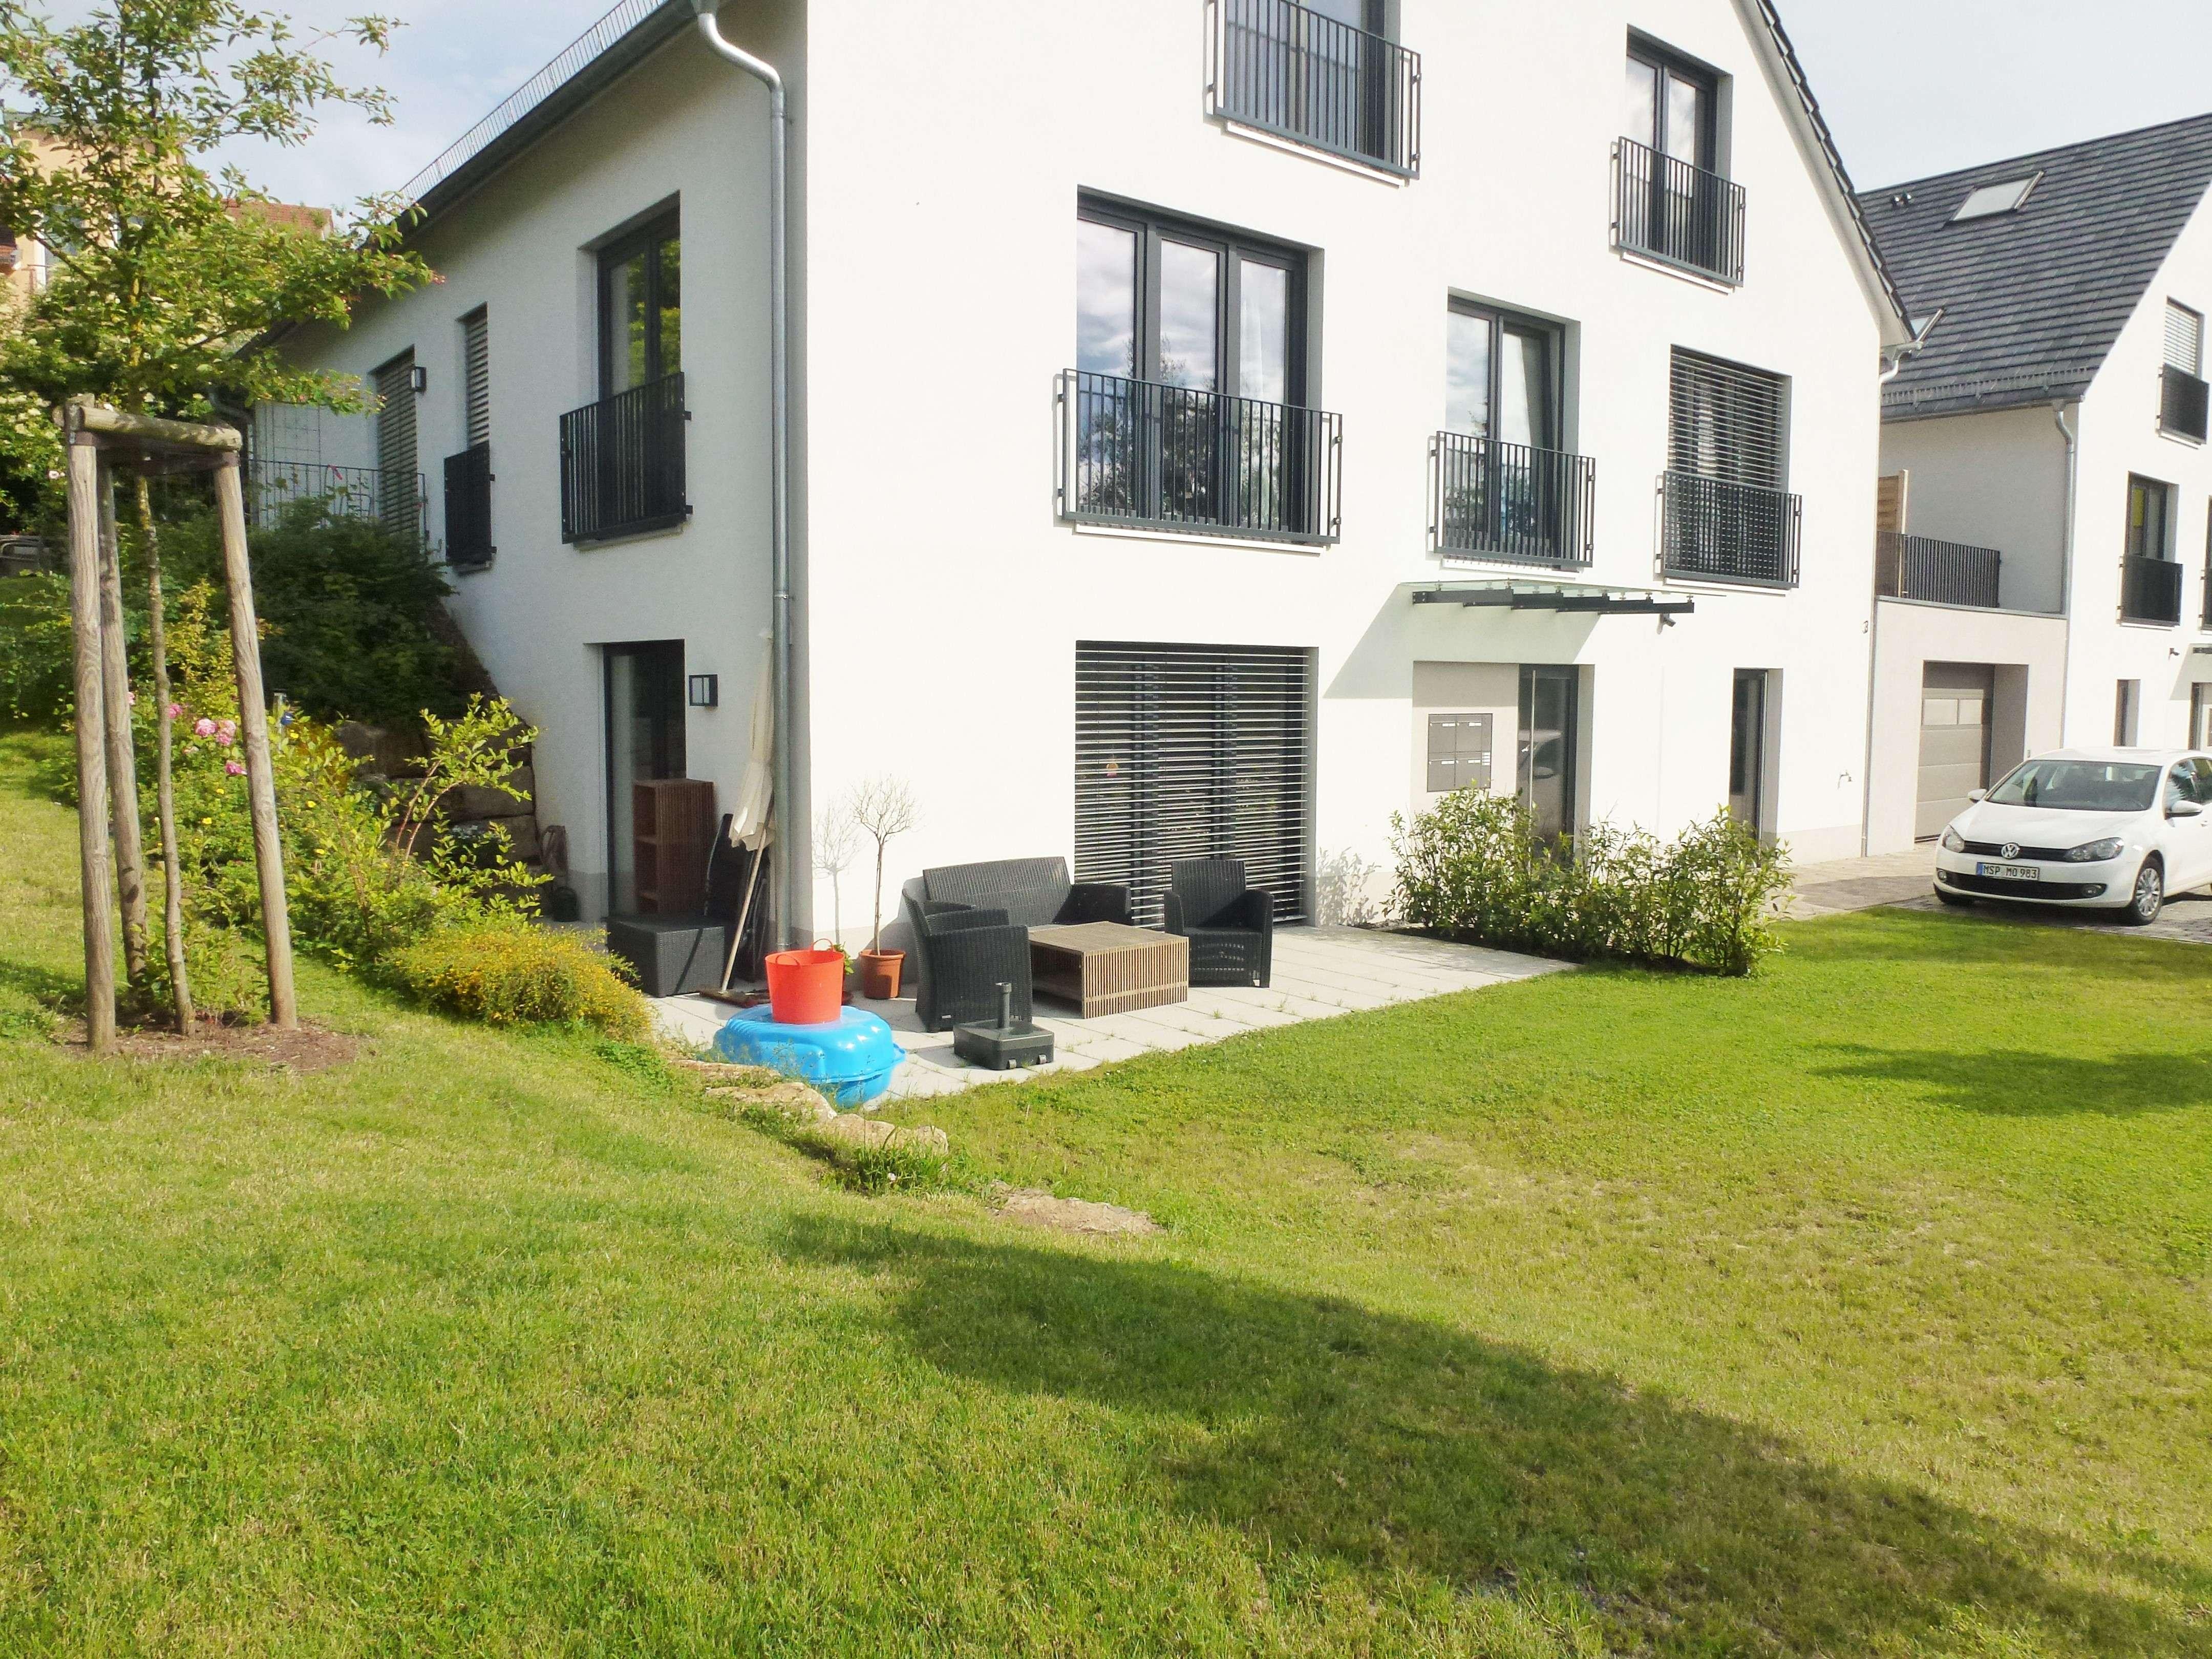 Neuwertige 3,5-Zimmer EG-Wohnung mit großer Terrasse in Höchberg in